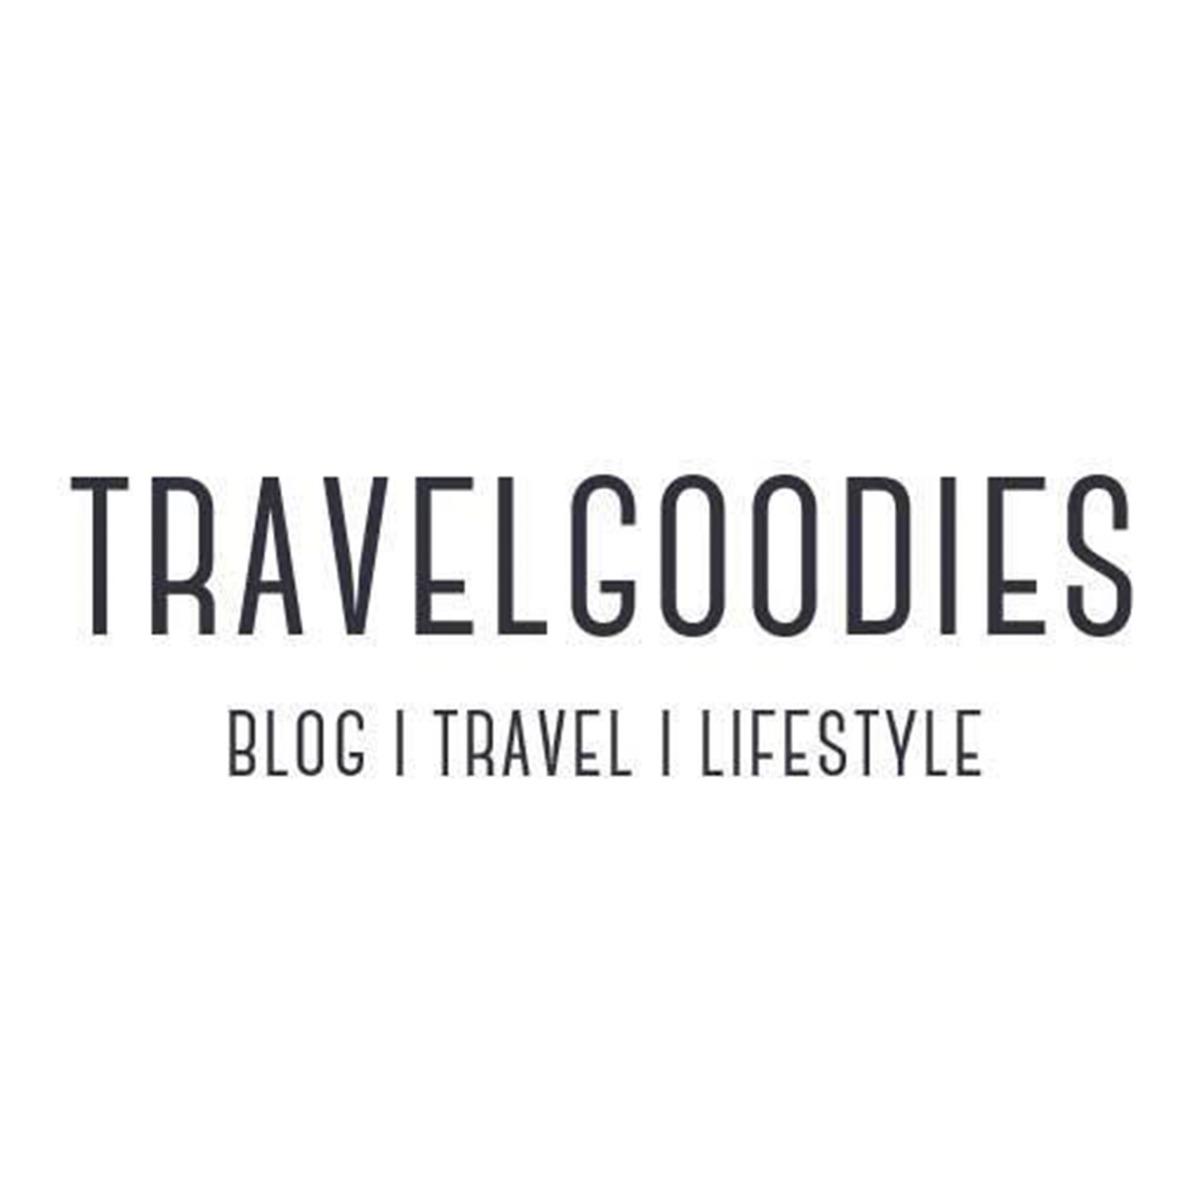 Travelgoodies